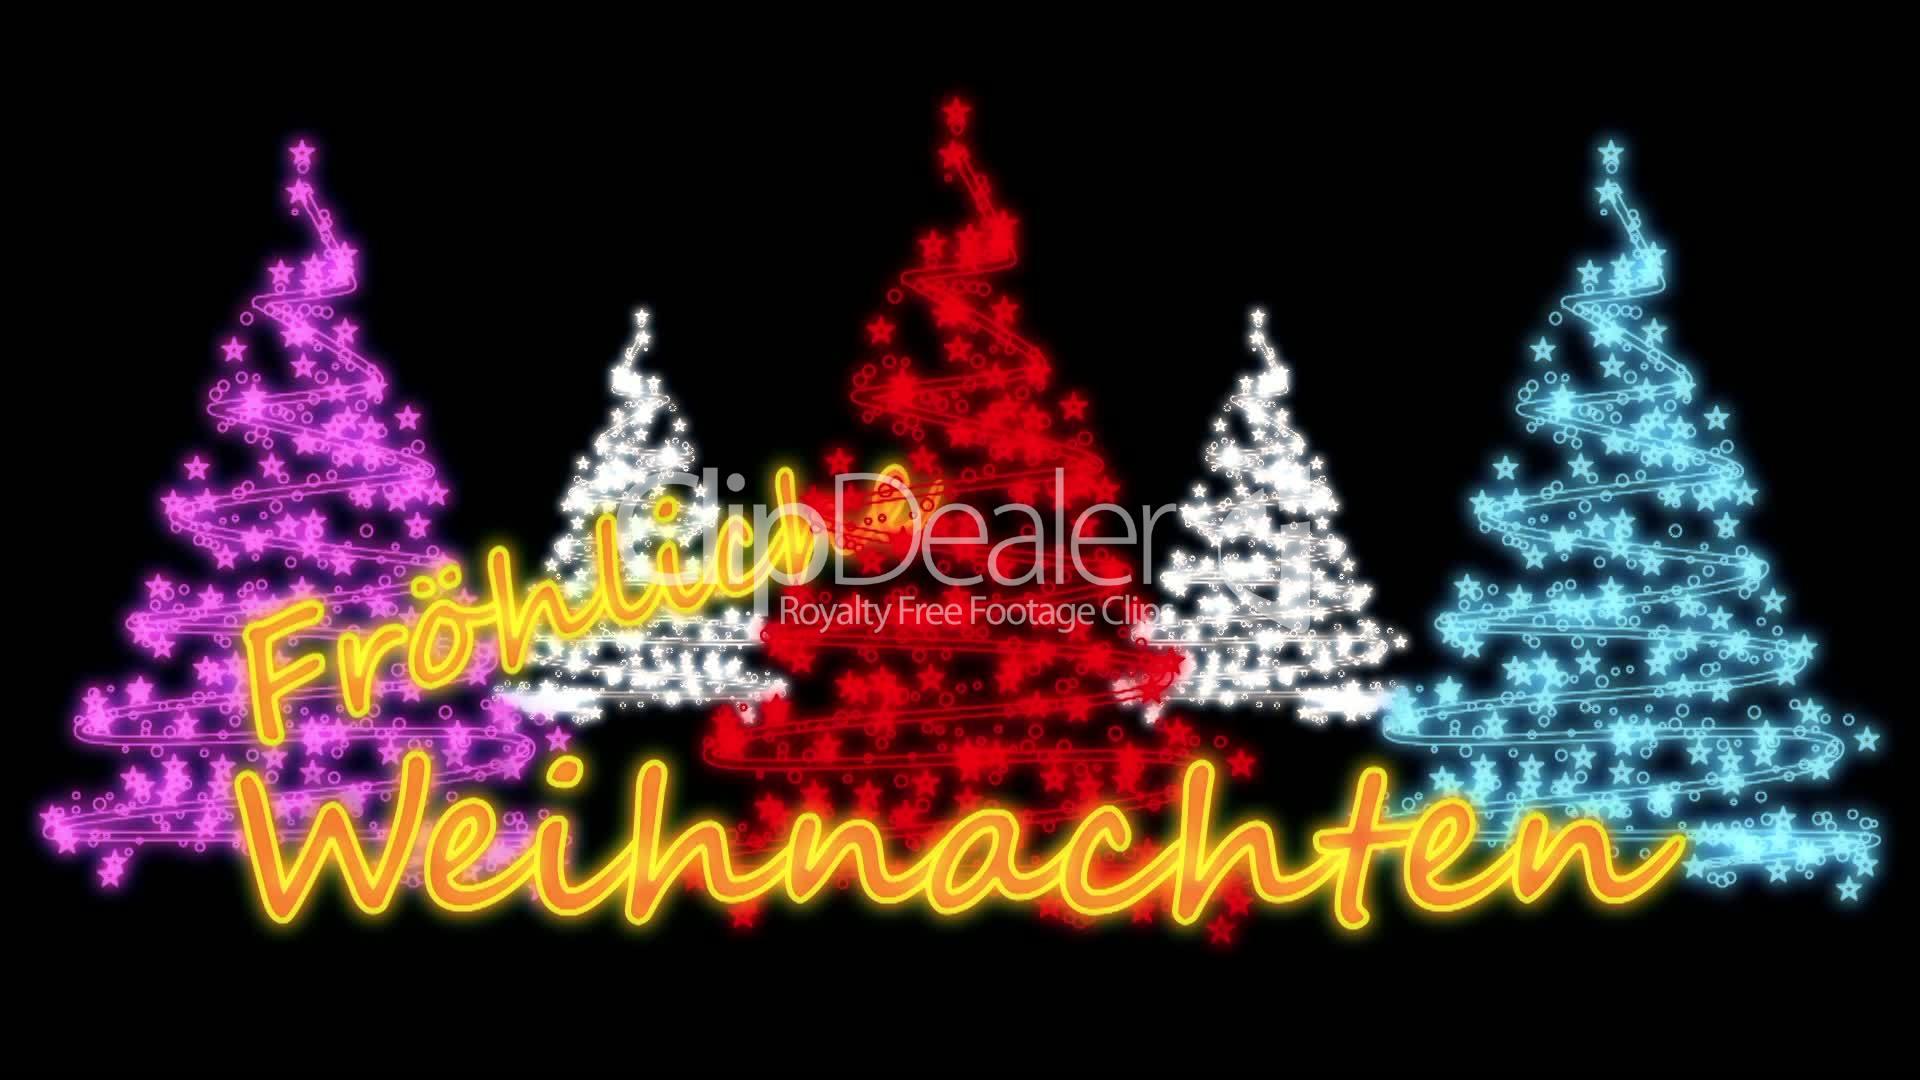 Weihnachten Animation.Fröhliche Weihnachten Animation Royalty Free Video And Stock Footage